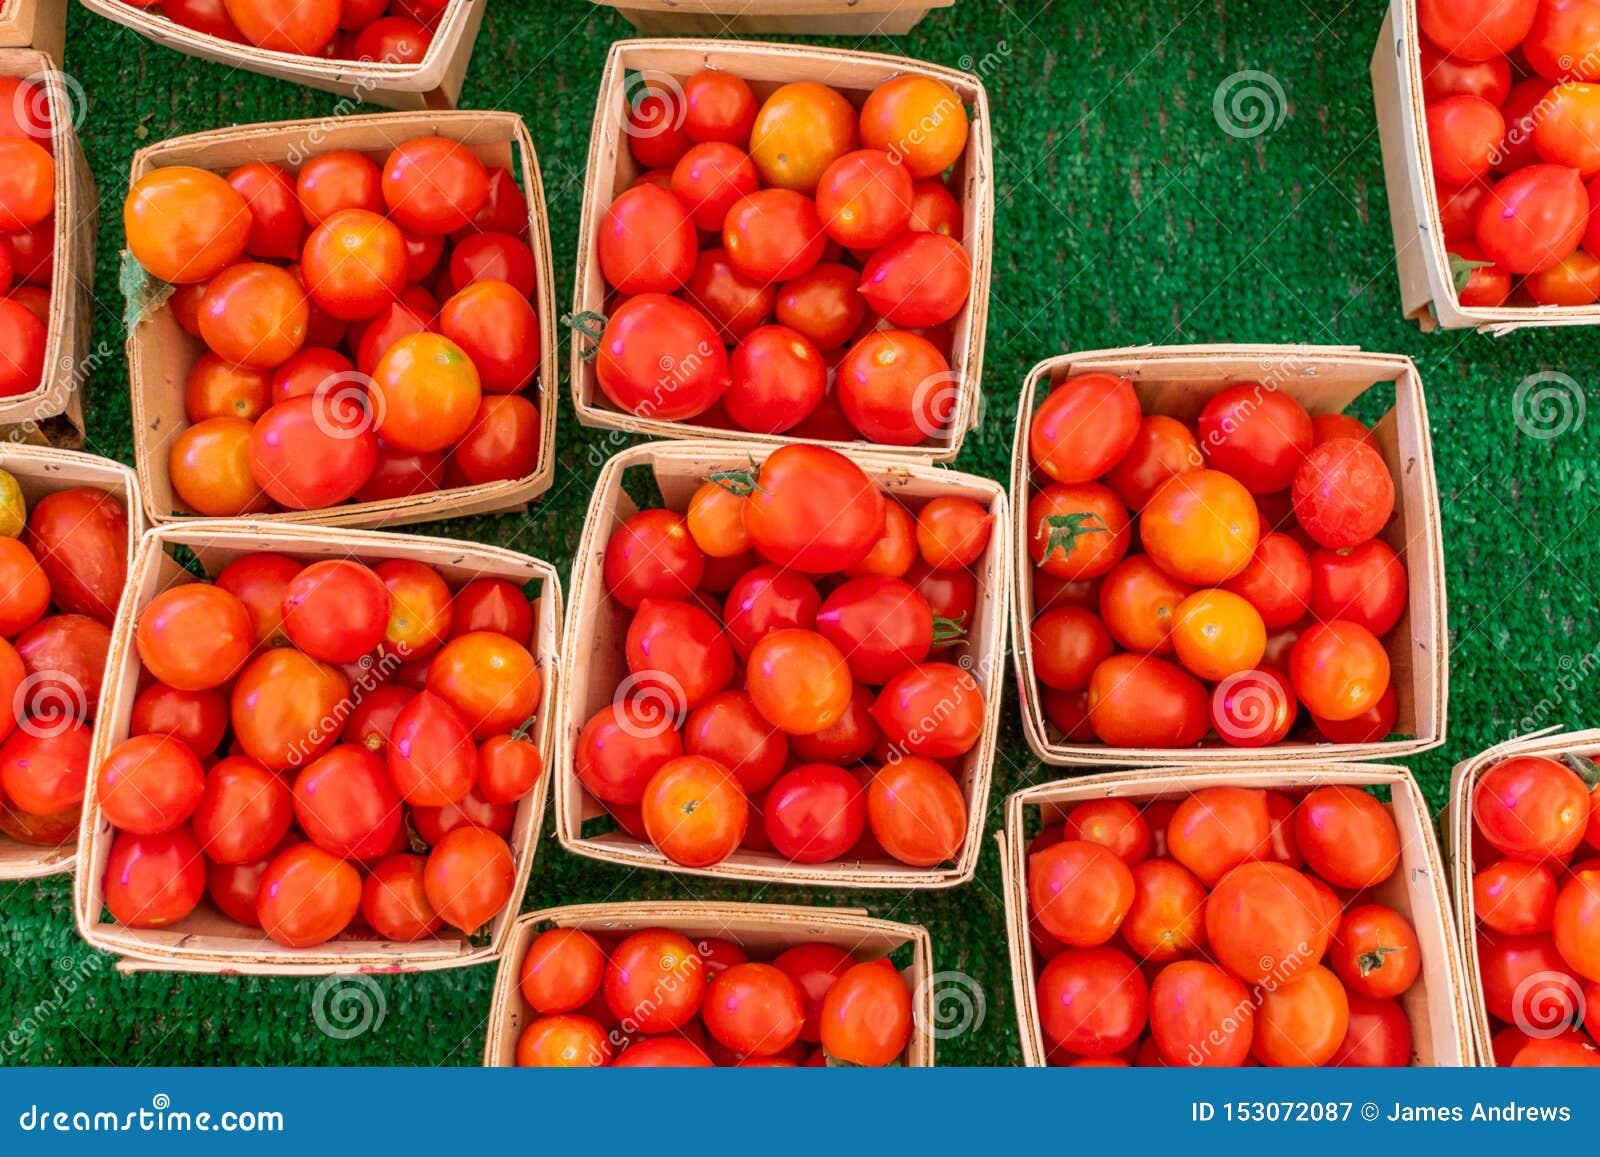 Ντομάτες κερασιών για την πώληση σε μια τοπική αγορά αγροτών